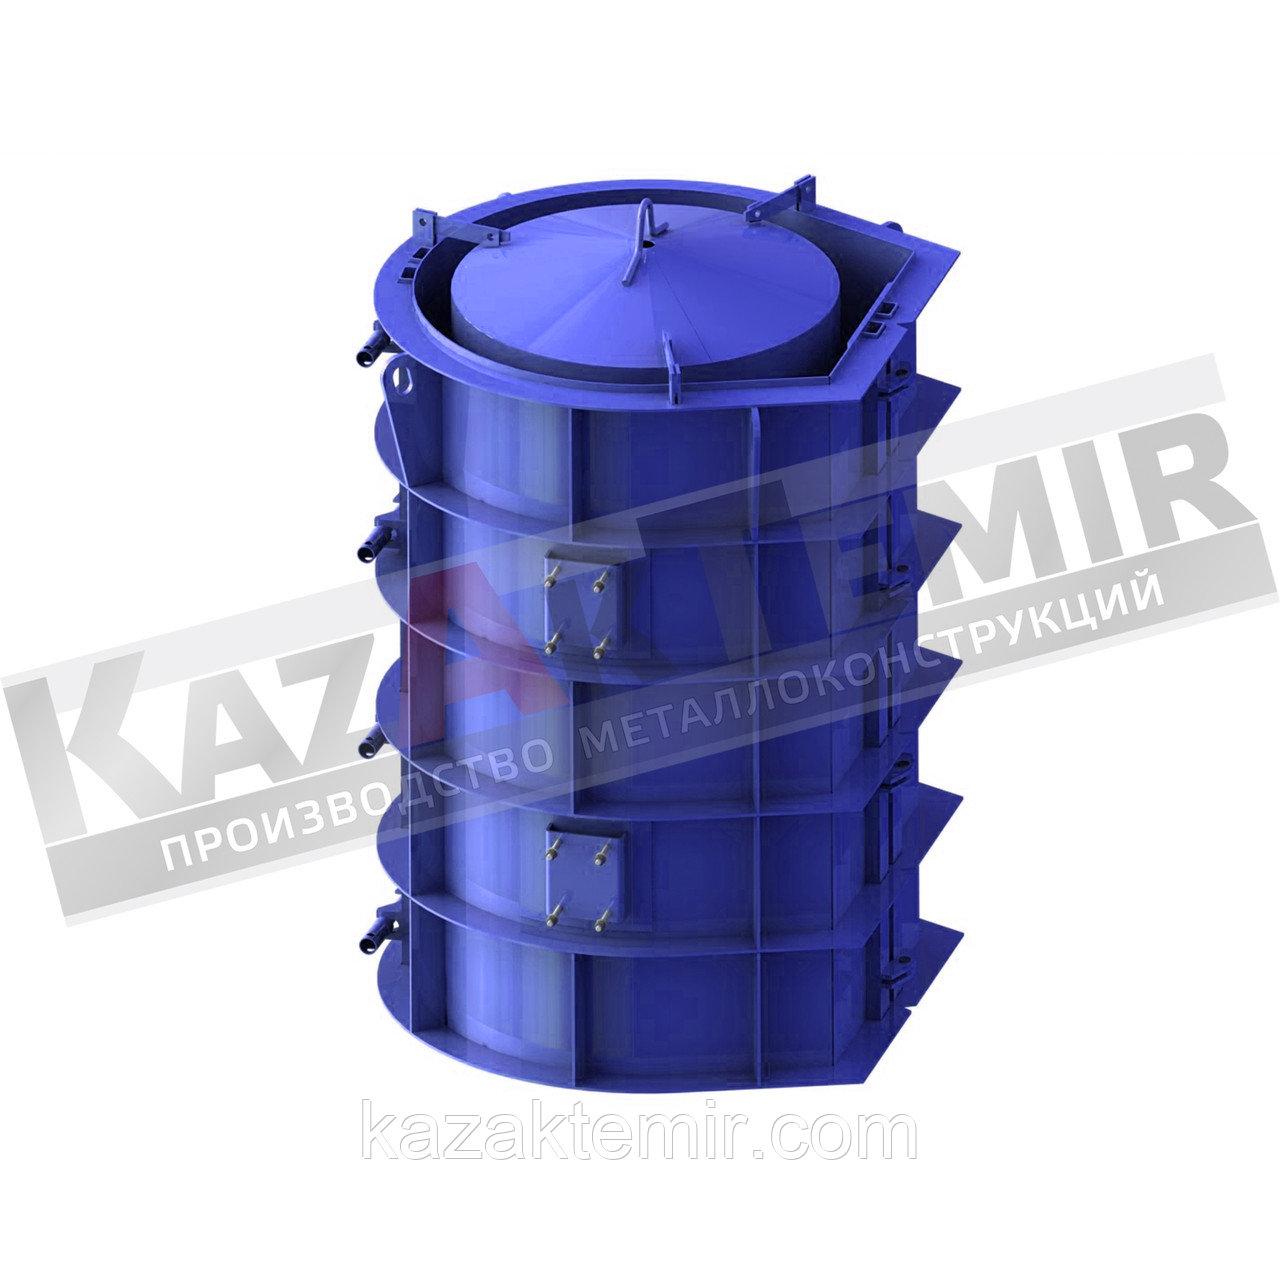 ЗКП 19.100 (д-1000) (металлоформа)